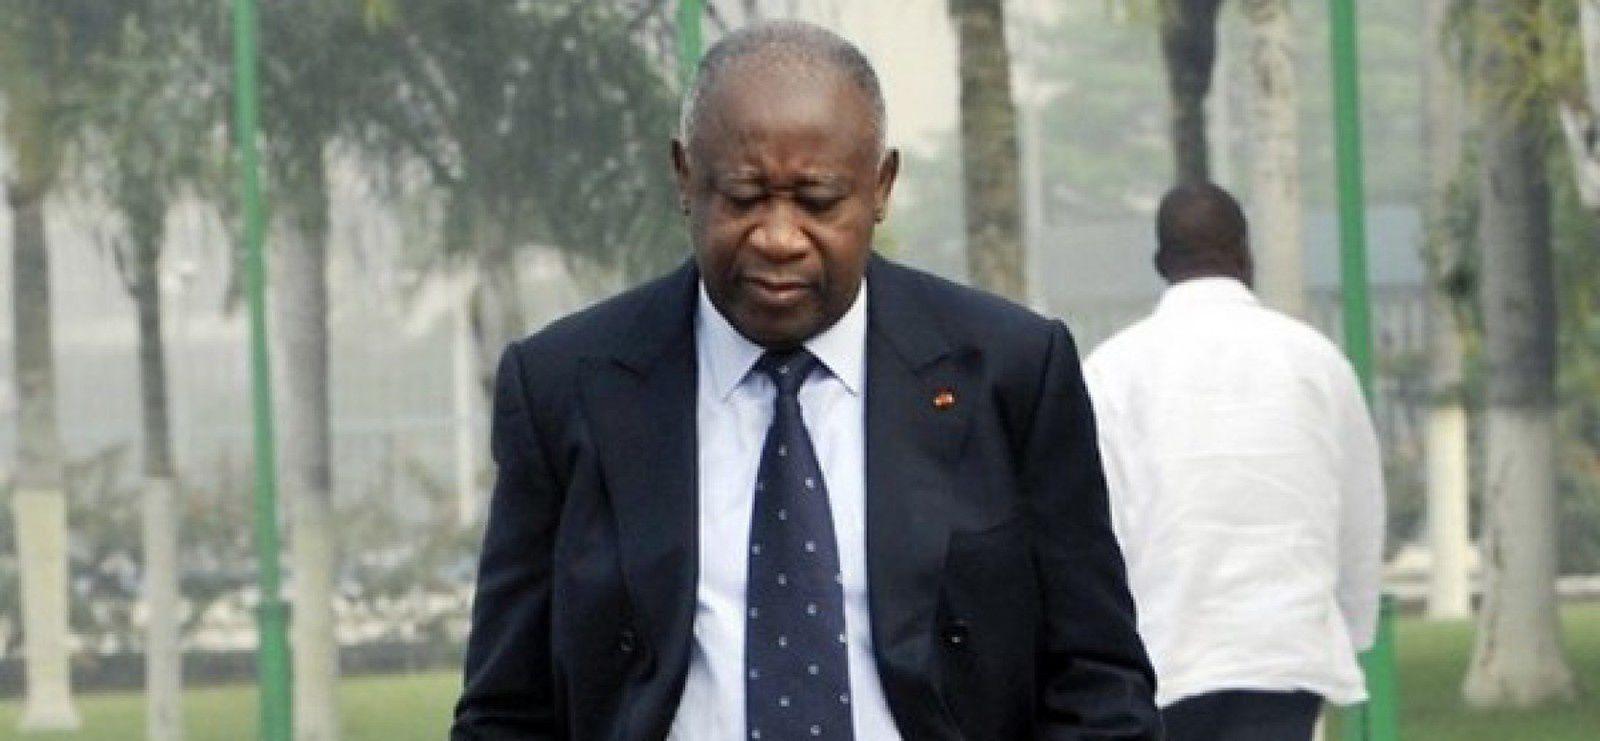 """De sa prison (néo)coloniale, Laurent Gbagbo met en cause le régime néocolonial de la Vème République dans son malheur et celui des """"anciennes"""" colonies françaises d'Afrique."""